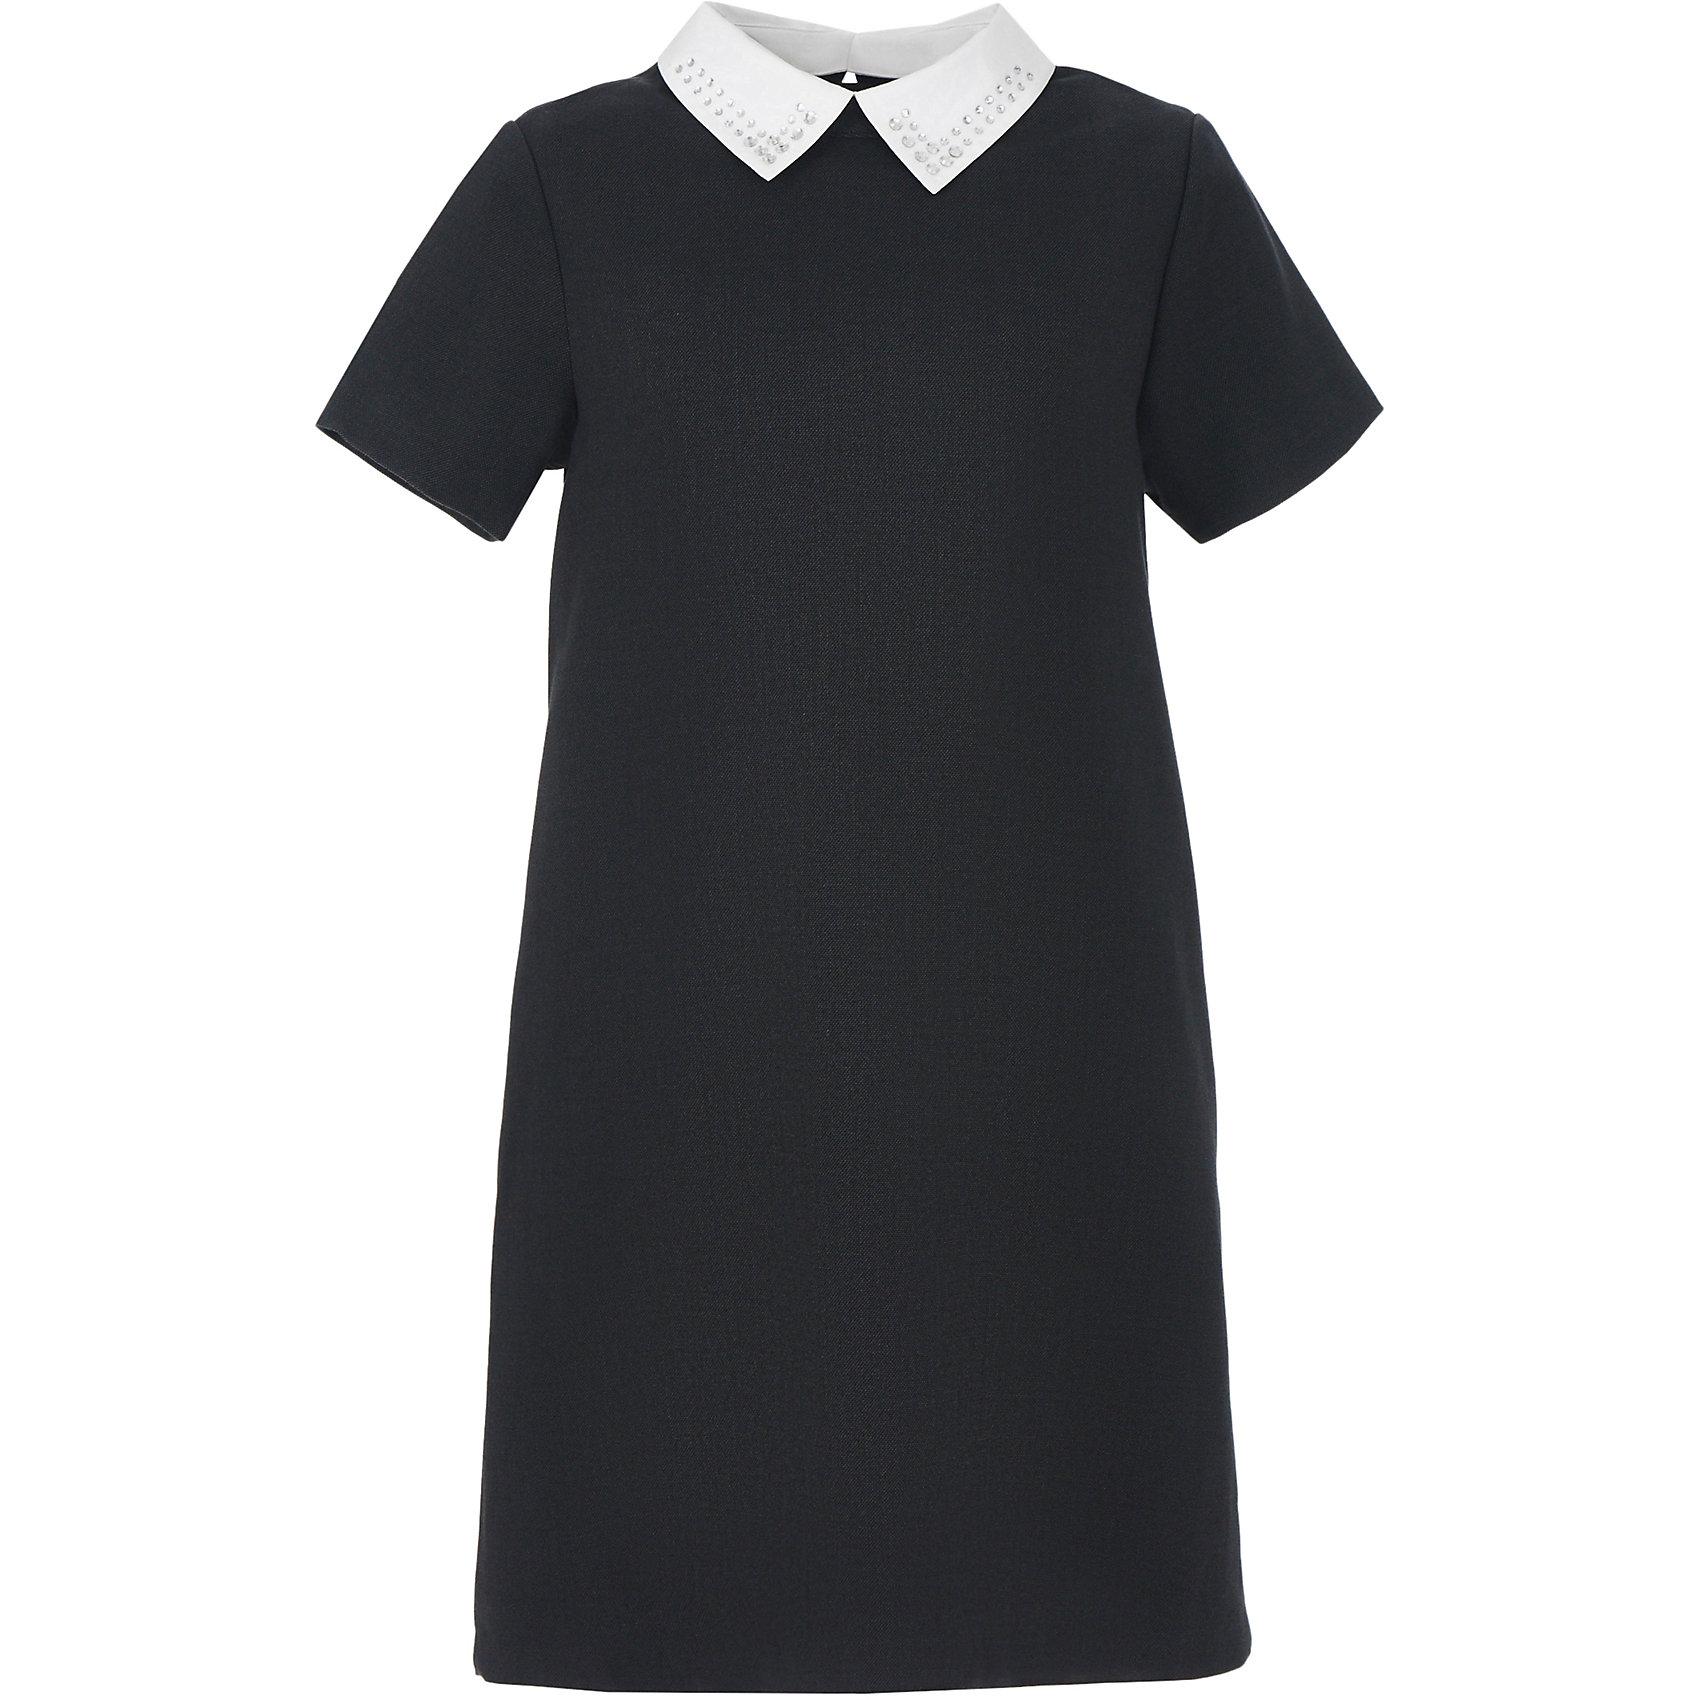 Платье для девочки GulliverПлатья и сарафаны<br>Характеристики товара:<br><br>• цвет: серое<br>• состав: 58% полиэстер, 31% вискоза, 10% шерсть, 1% эластан<br>• подкладка: 52% полиэстер, 48% вискоза <br>• застежка: молния<br>• с коротким рукавом<br>• отстегивающийся воротник со стразами<br>• карманы в боковых швах<br>• трапециевидный силуэт<br>• особенности: школьное, строгое<br>• страна бренда: Российская Федерация<br>• страна производства: Российская Федерация<br><br>Школьное платье с коротким рукавом для девочки. Строго серое платье застгивается на молнию на спине. Два кармана в боковых швах. Платье декорировано съемным белым воротничком со стразами. <br><br>Платье для девочки Gulliver (Гулливер) можно купить в нашем интернет-магазине.<br><br>Ширина мм: 236<br>Глубина мм: 16<br>Высота мм: 184<br>Вес г: 177<br>Цвет: серый<br>Возраст от месяцев: 168<br>Возраст до месяцев: 180<br>Пол: Женский<br>Возраст: Детский<br>Размер: 170,122,128,134,140,146,152,158,164<br>SKU: 6678836